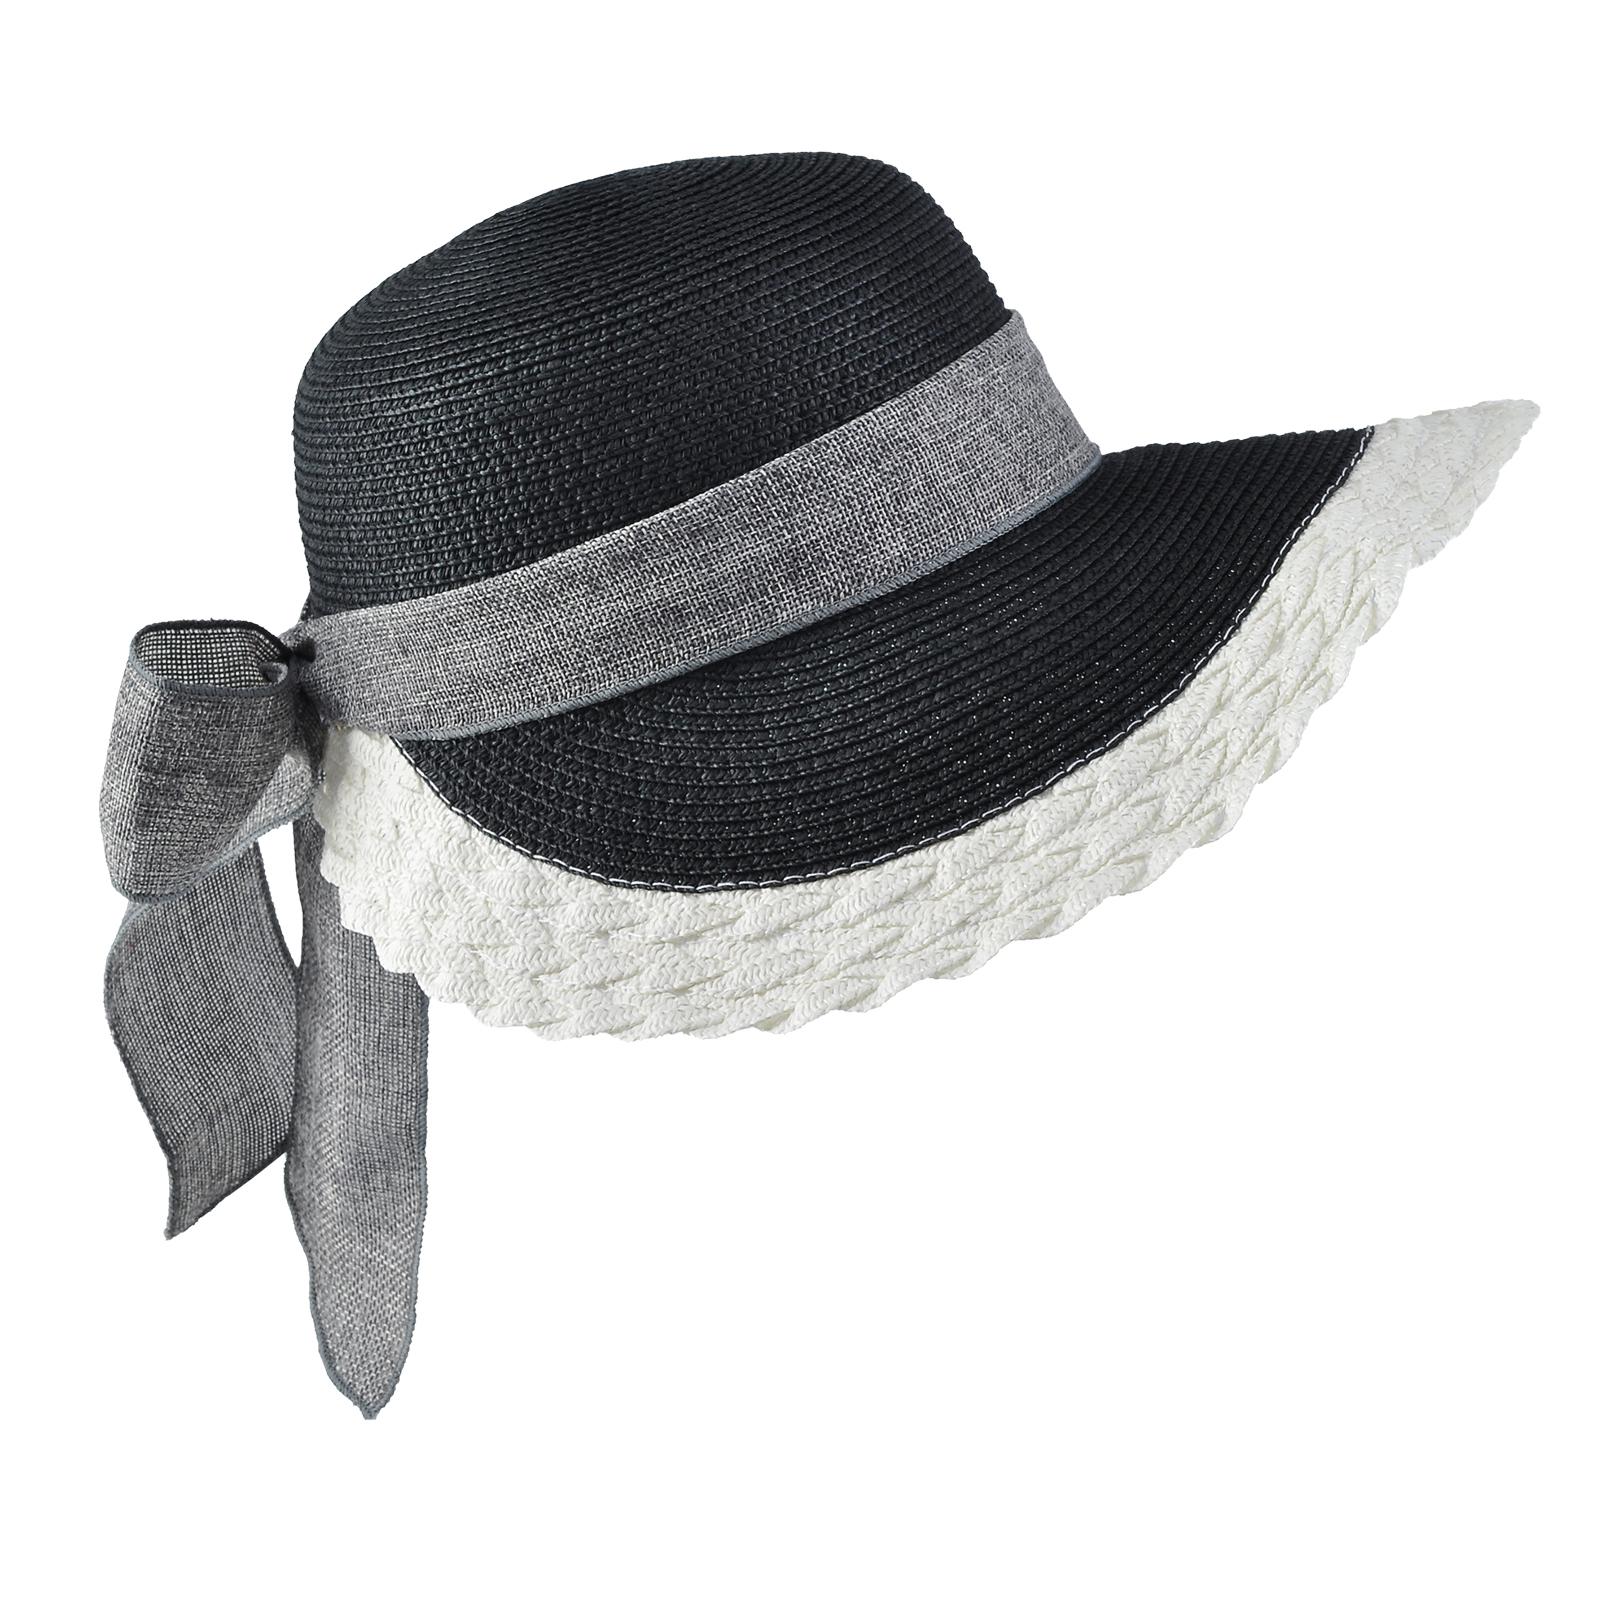 67a68f527d984 Chapeau casquette femme noir et blanc.